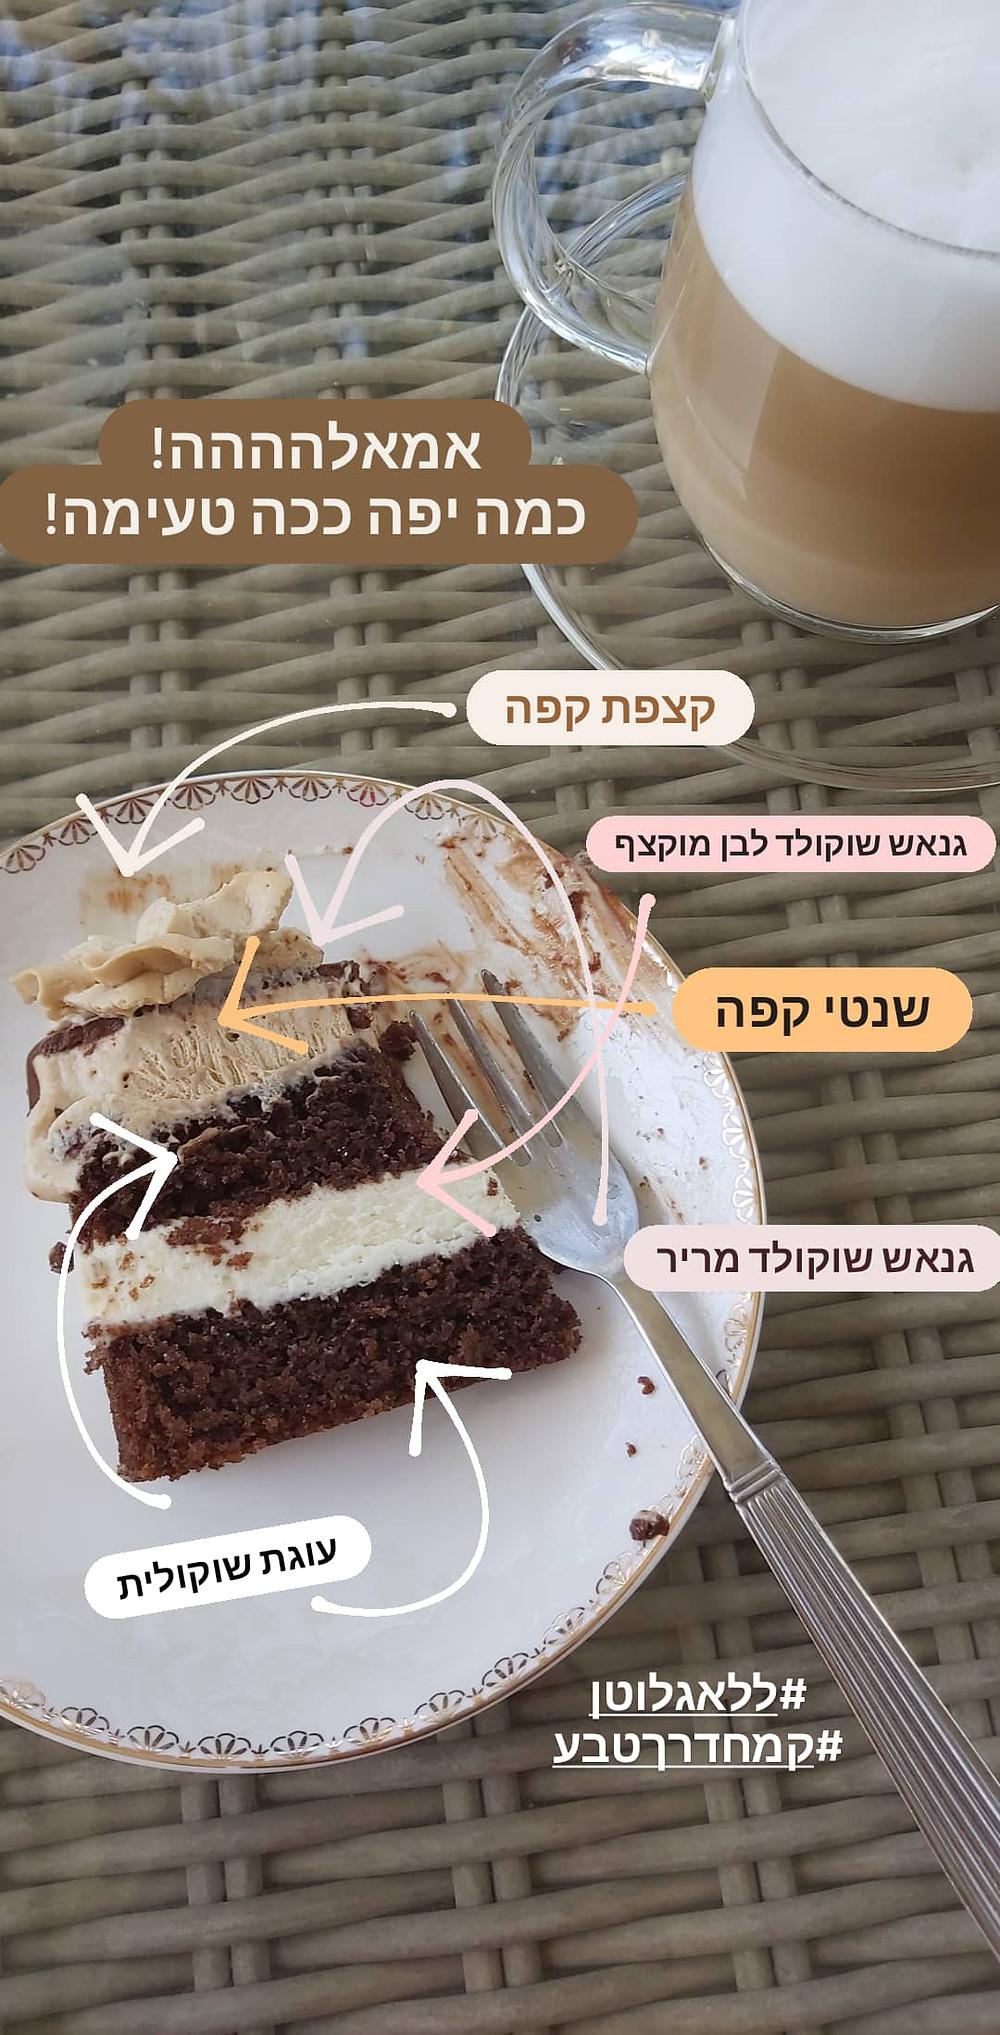 , קרם קפה, קנטי קפה, קפה, קצפת, גנאש, שוקולד מרירשוקולית, עוגה, עוגת שוקולד, גנאש, גנאש שוקולד, שוקולוד לבן, גנאש שוקולד לבן מוקצף, גנאש מוקצף\